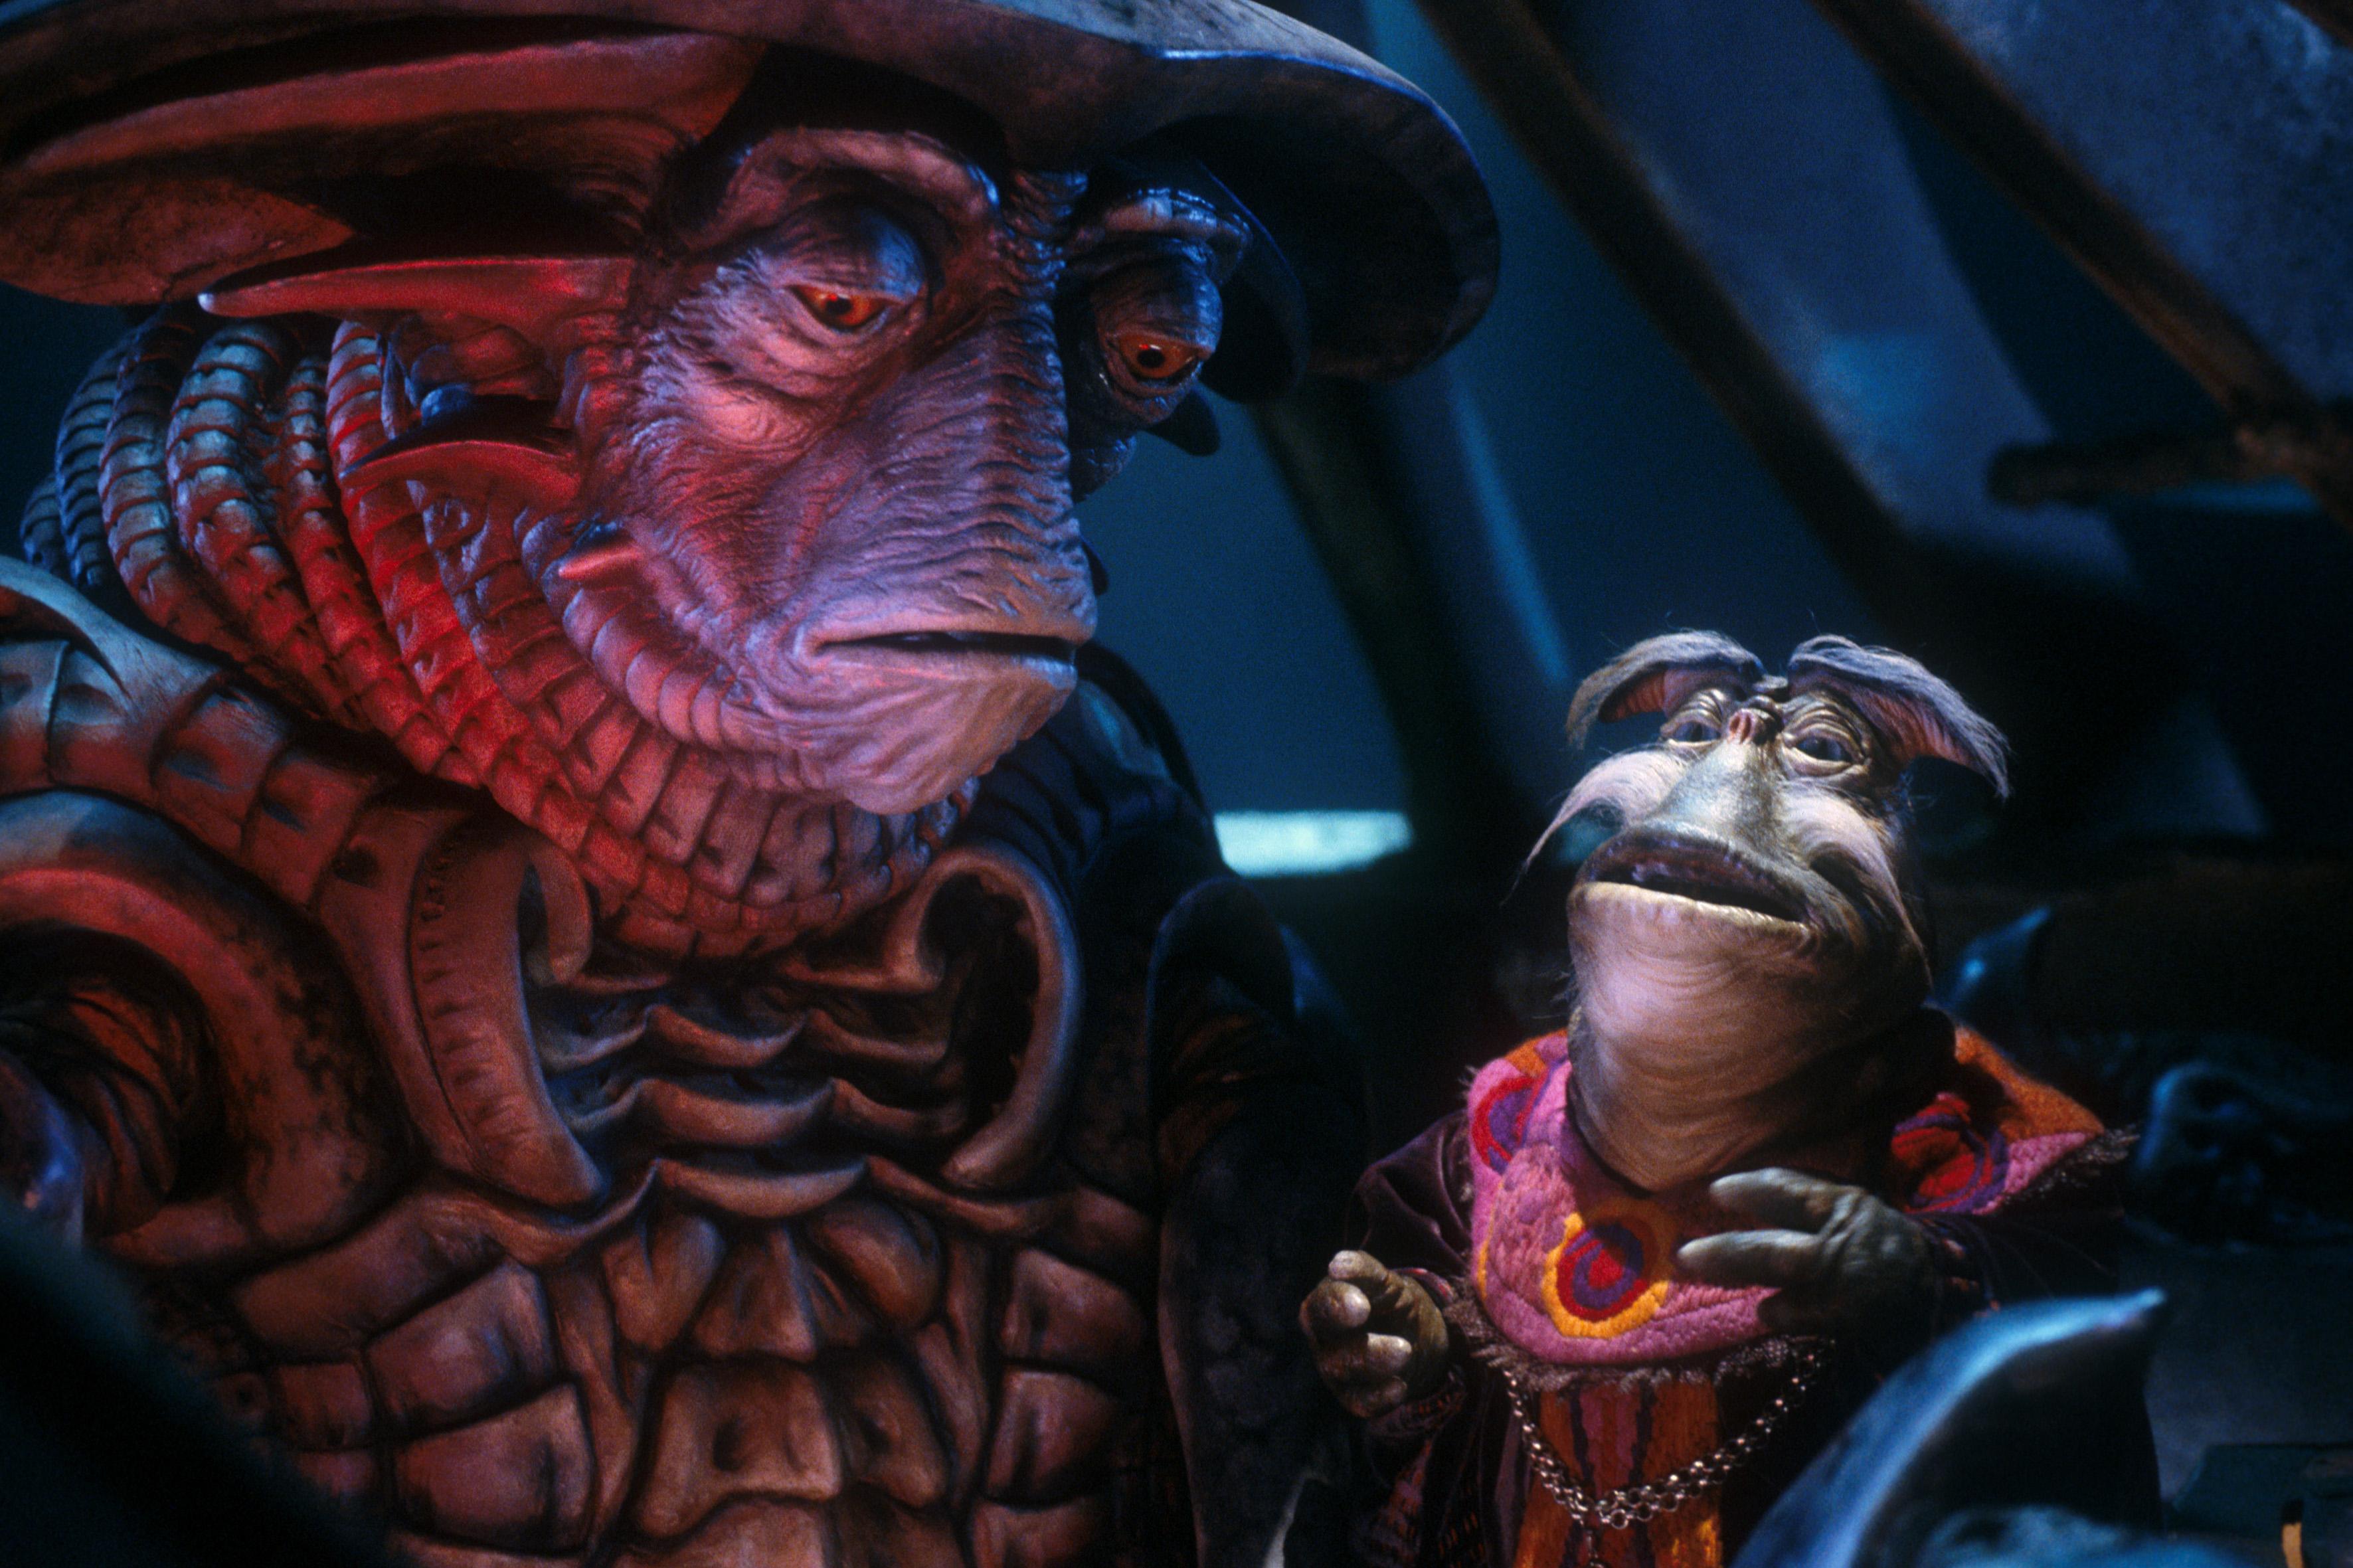 Комиксы для взрослых farscape - на краю вселенной номер farscape 2010 5 - на краю вселенной 2010 5